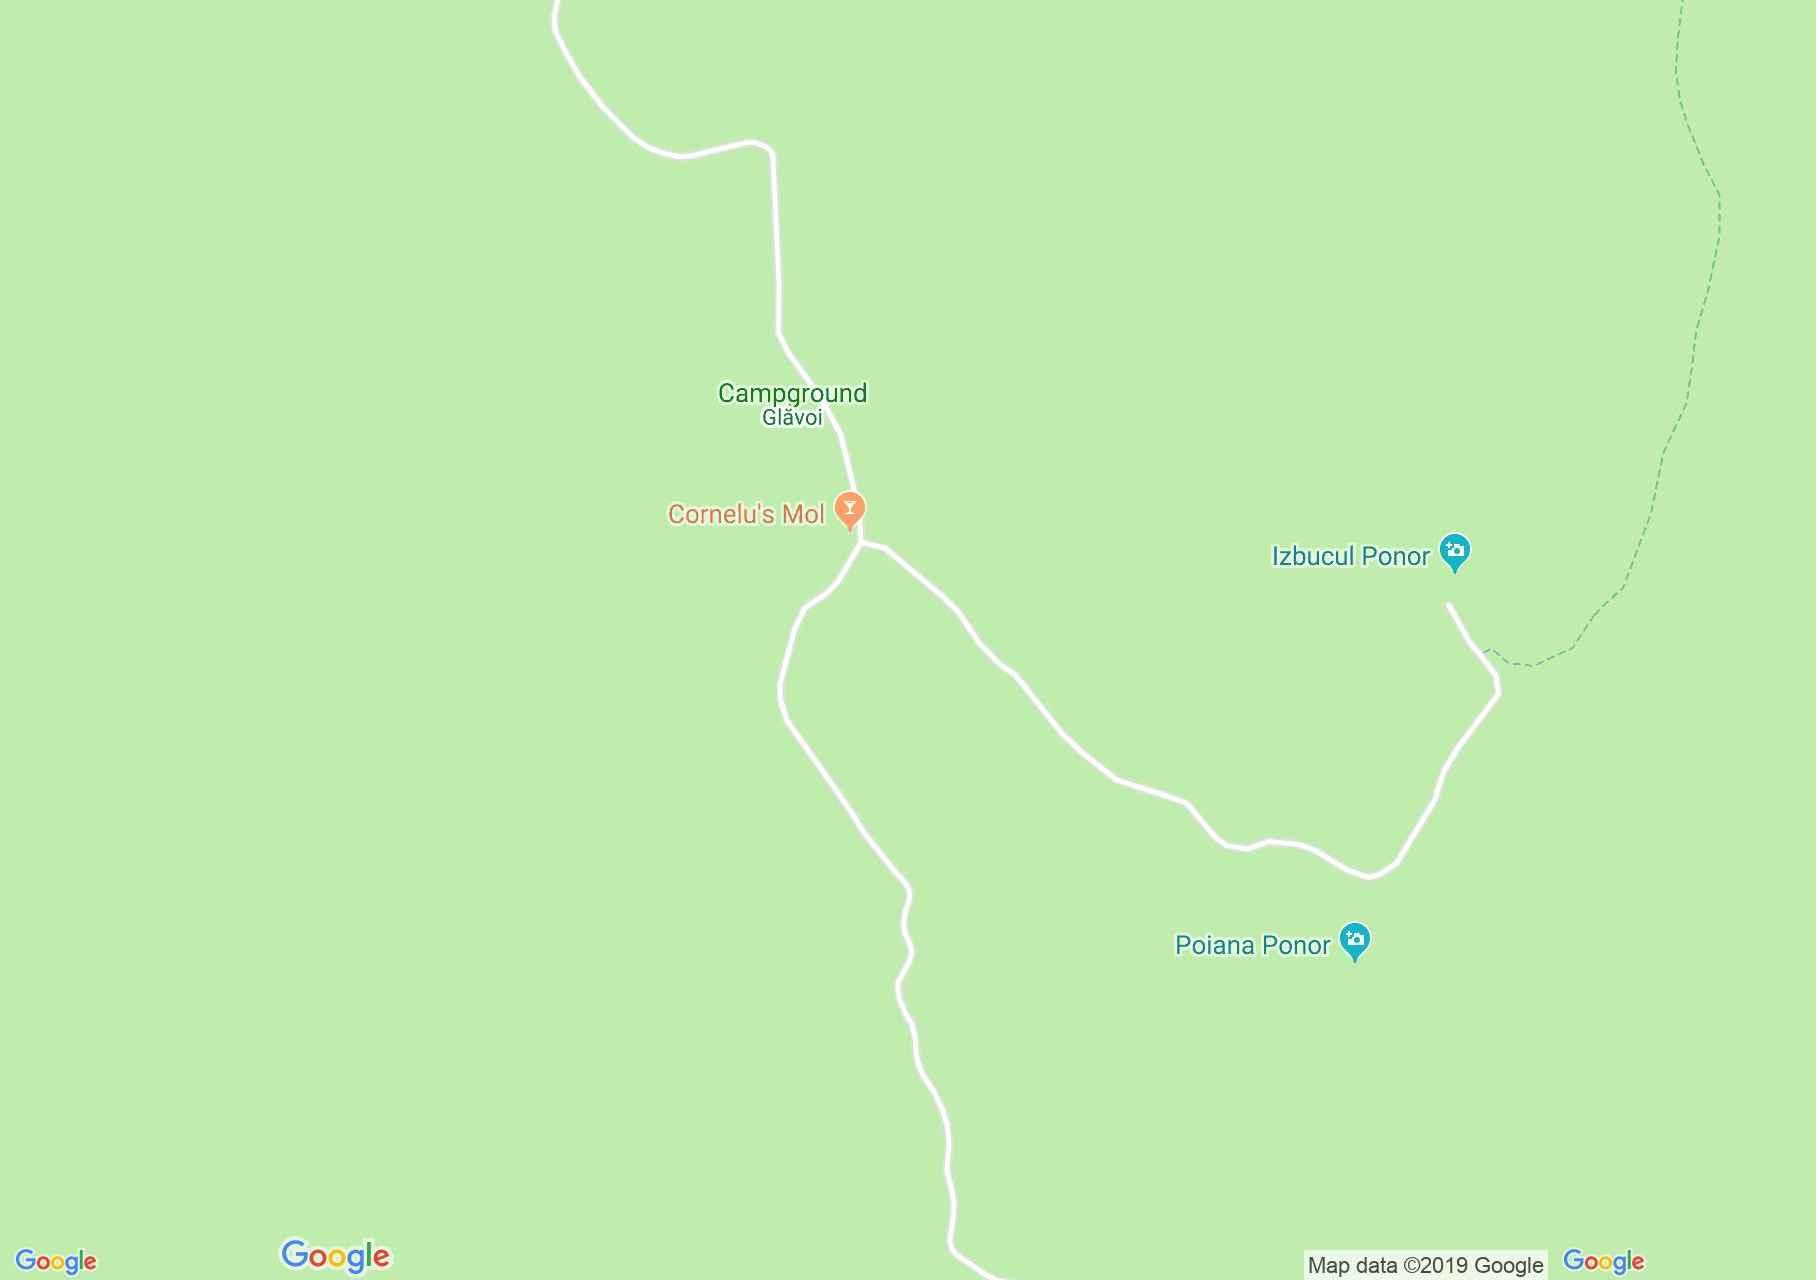 Glavoj: Csodavár völgy (térkép)